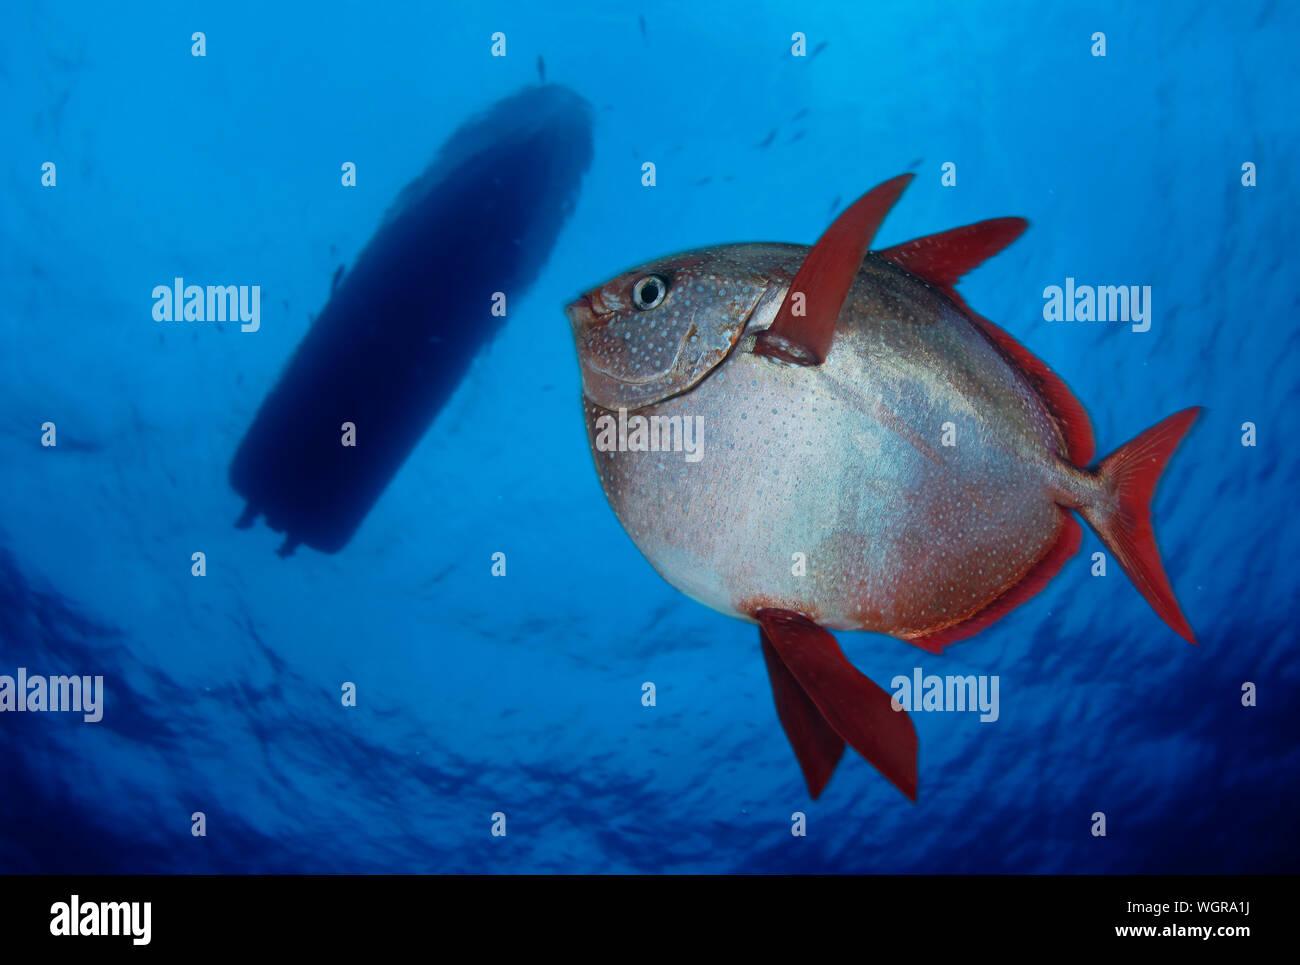 Opah, Lampris guttatus. Es ist ein ENDOTHERMER Fisch (warmblüter), mit einem rete mirabile in seiner Gill Gewebestruktur, die zum ersten Mal im Jahr 2015 beschrieben. Stockfoto